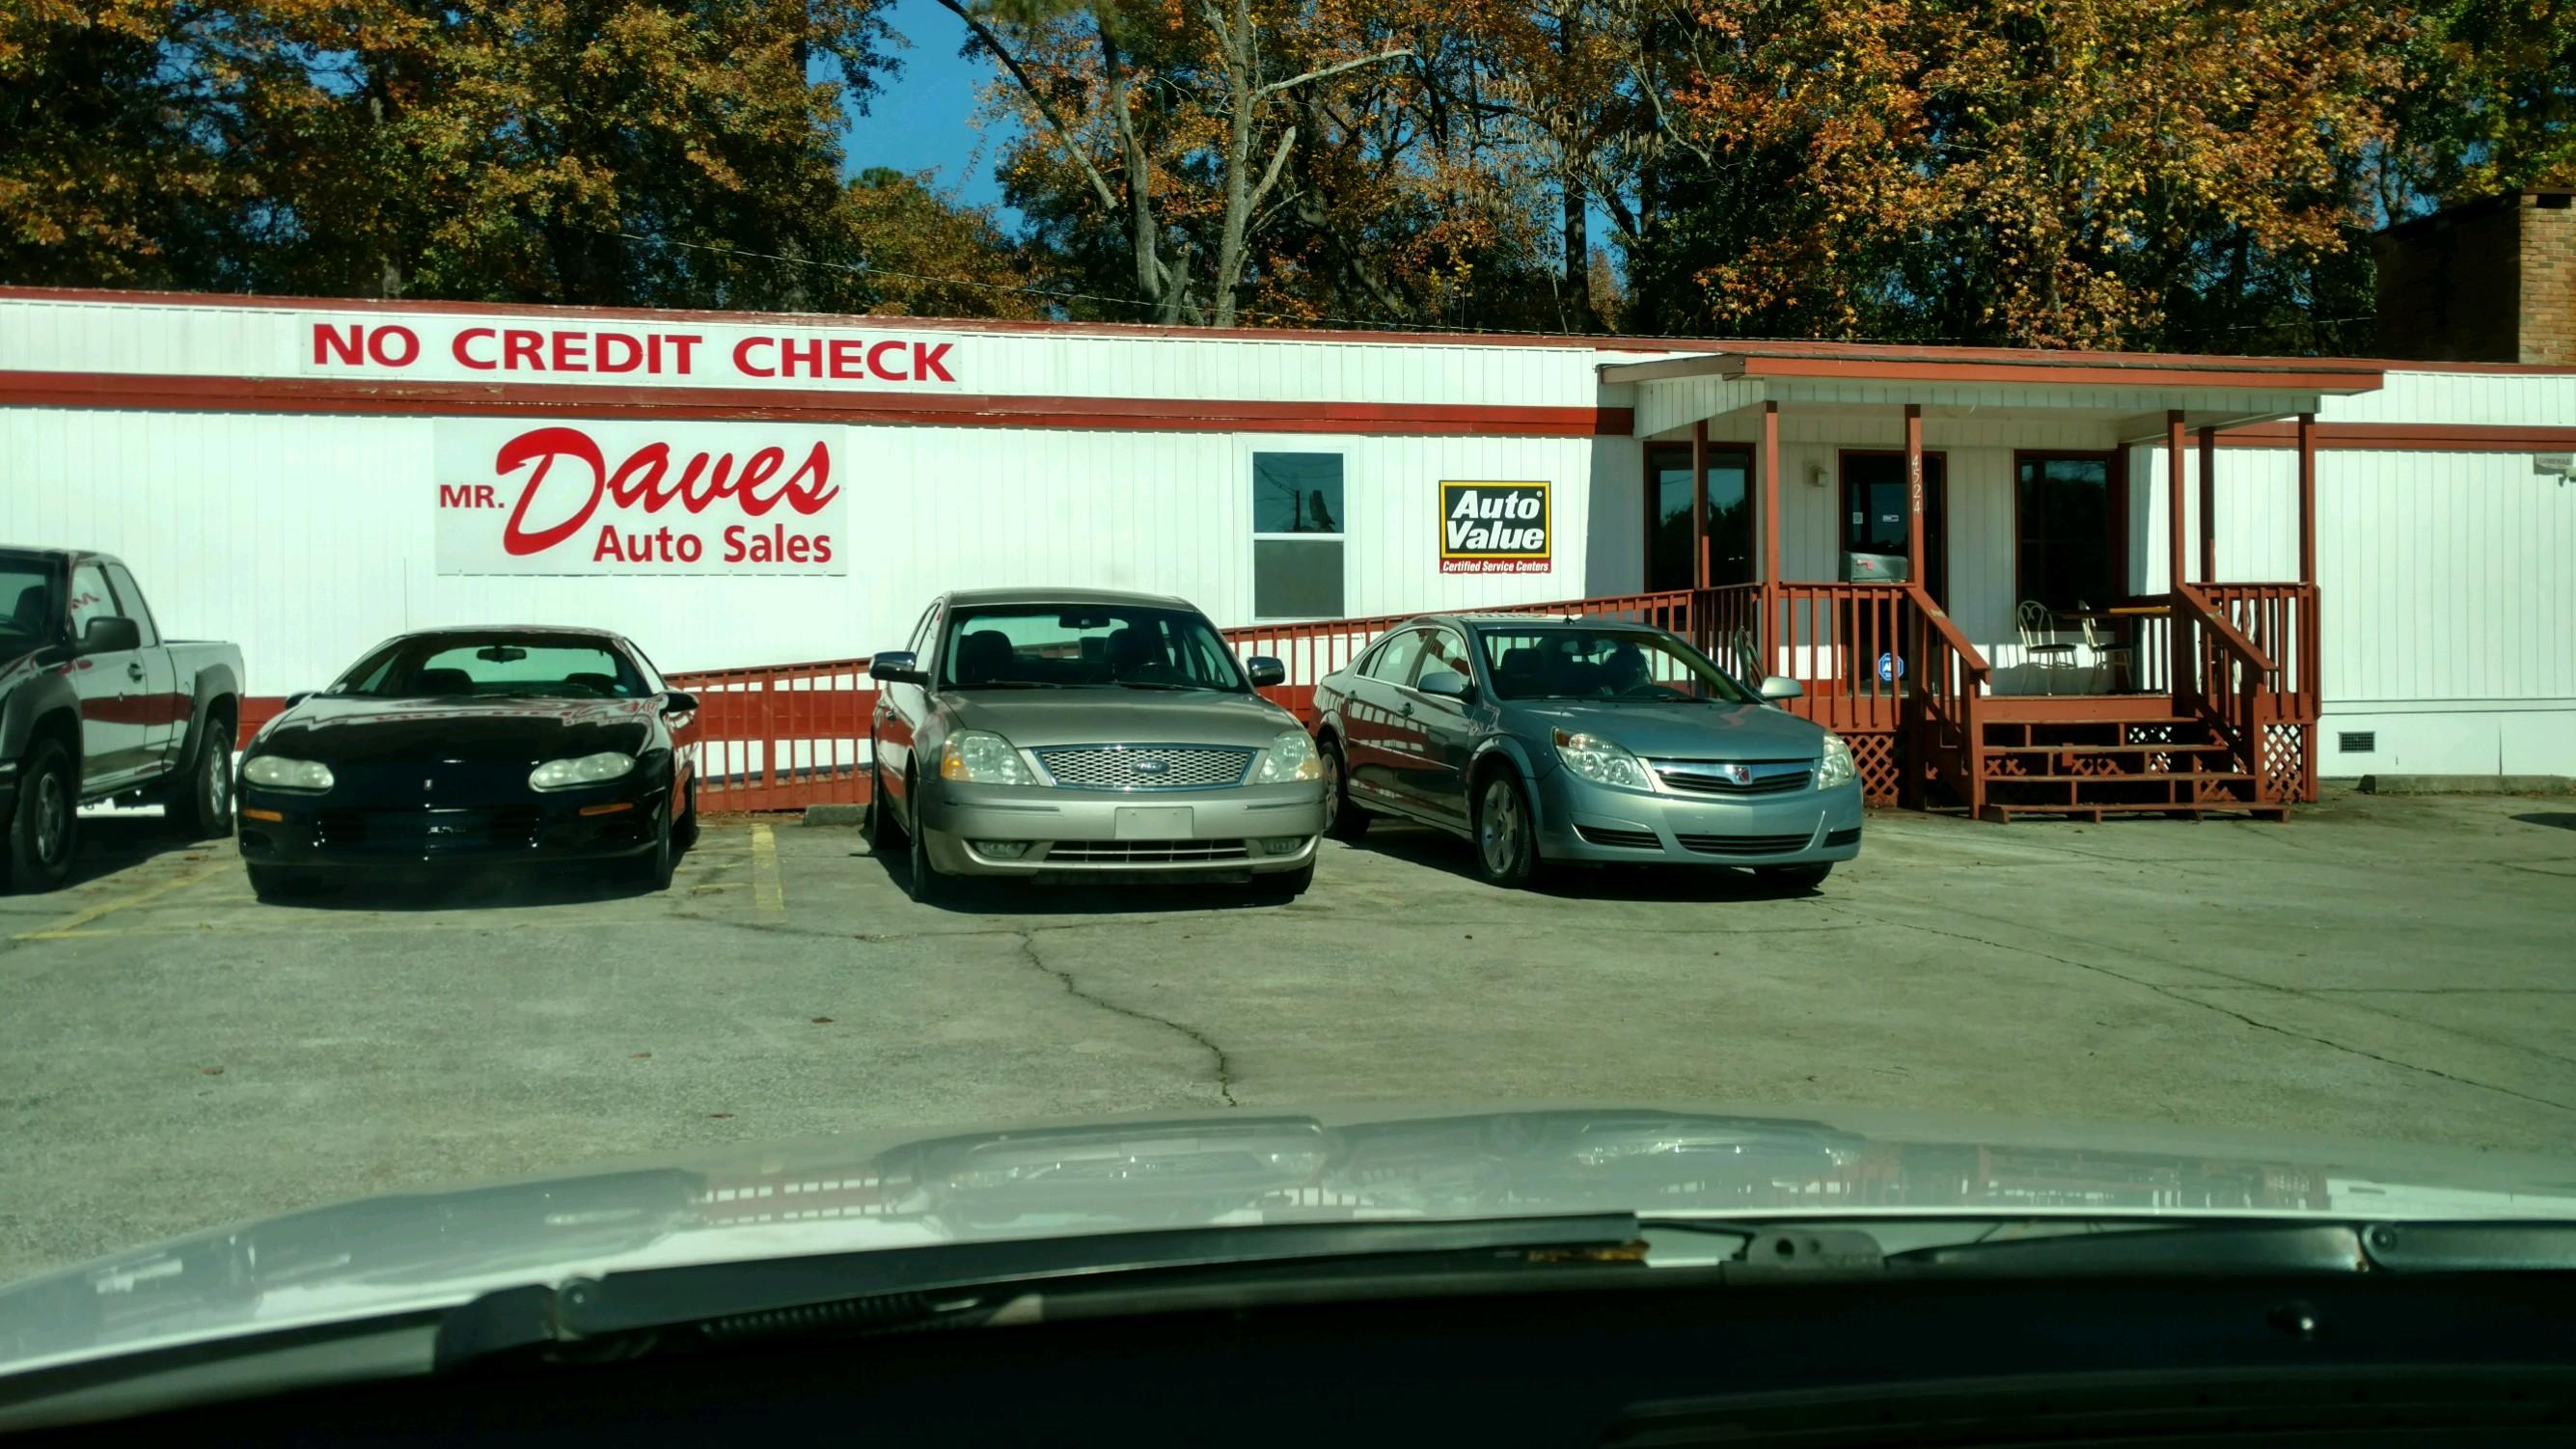 Mr. Dave's Auto Sales